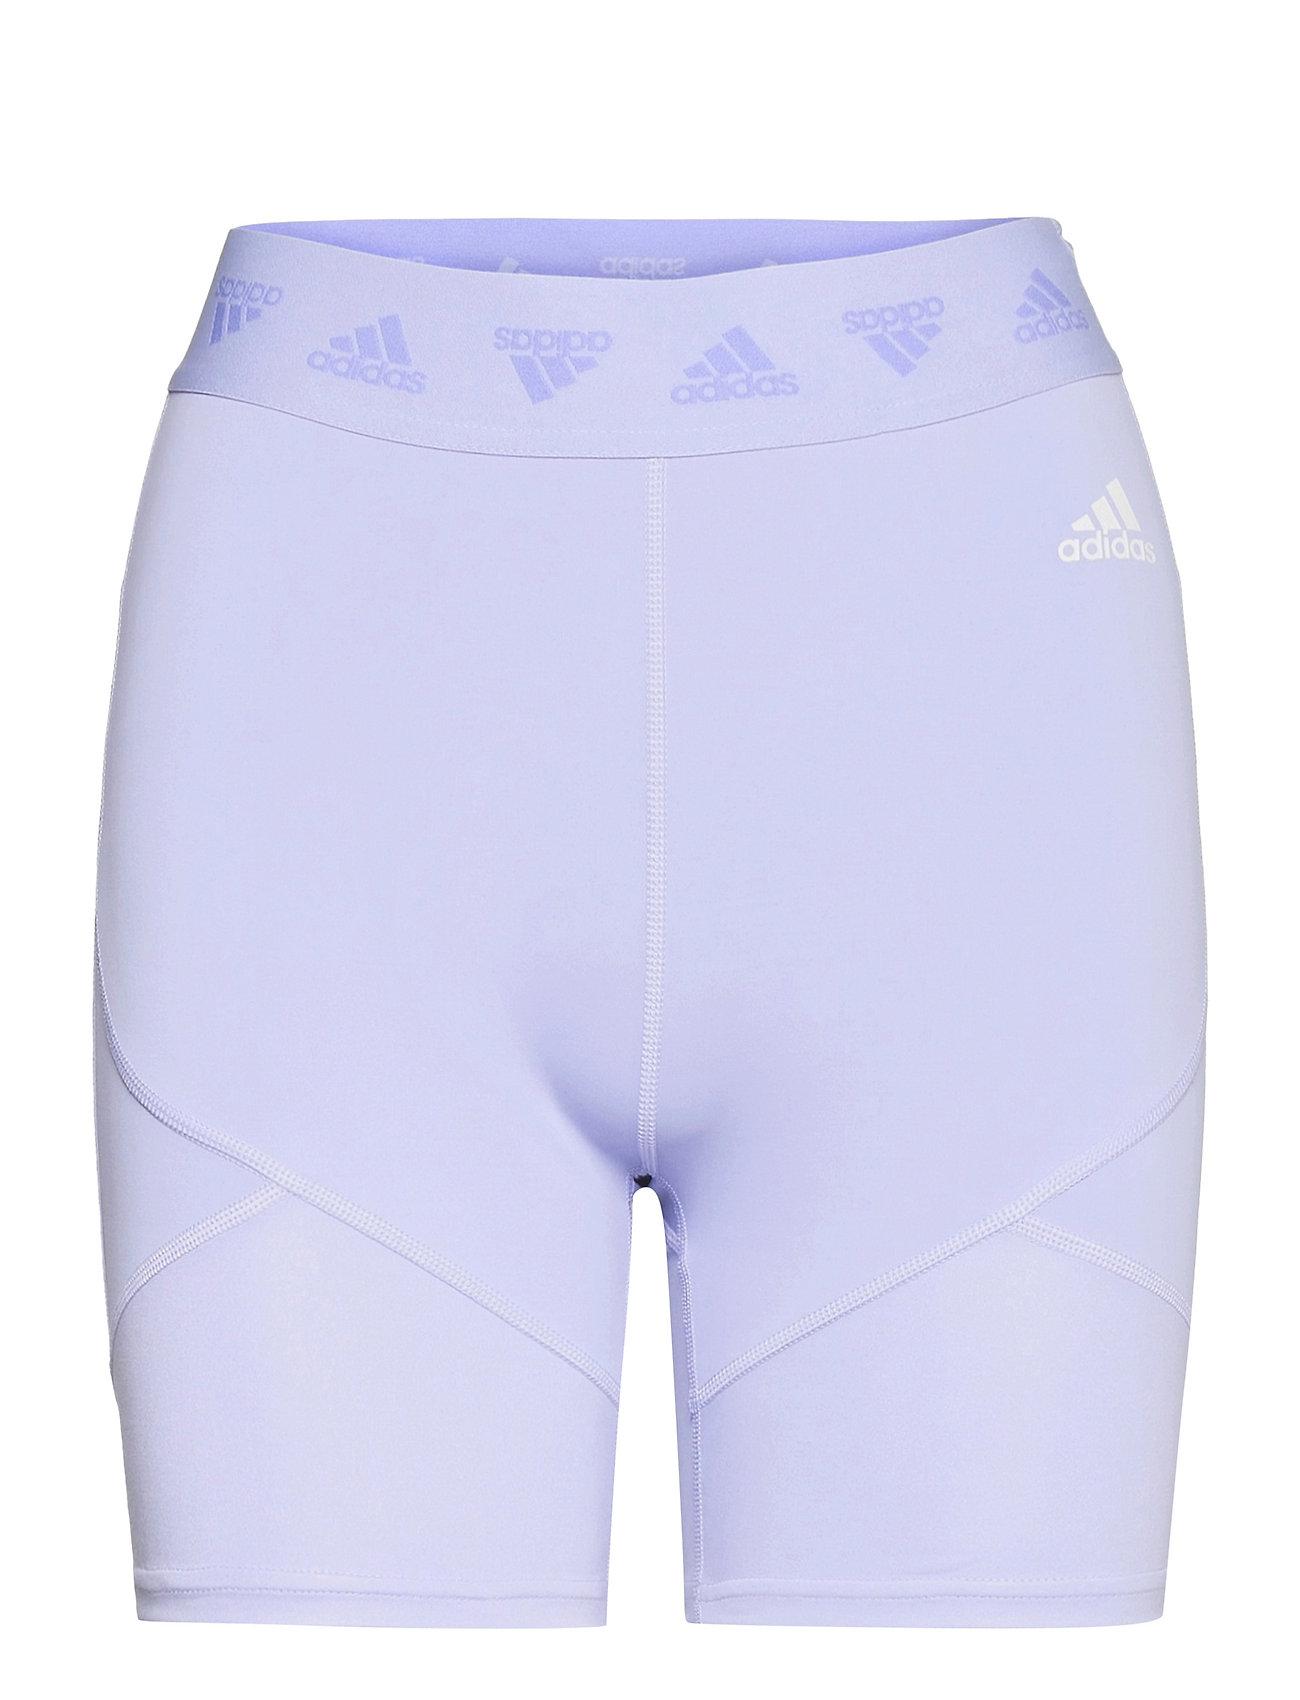 Shorts W Shorts Cycling Shorts Lilla Adidas Performance